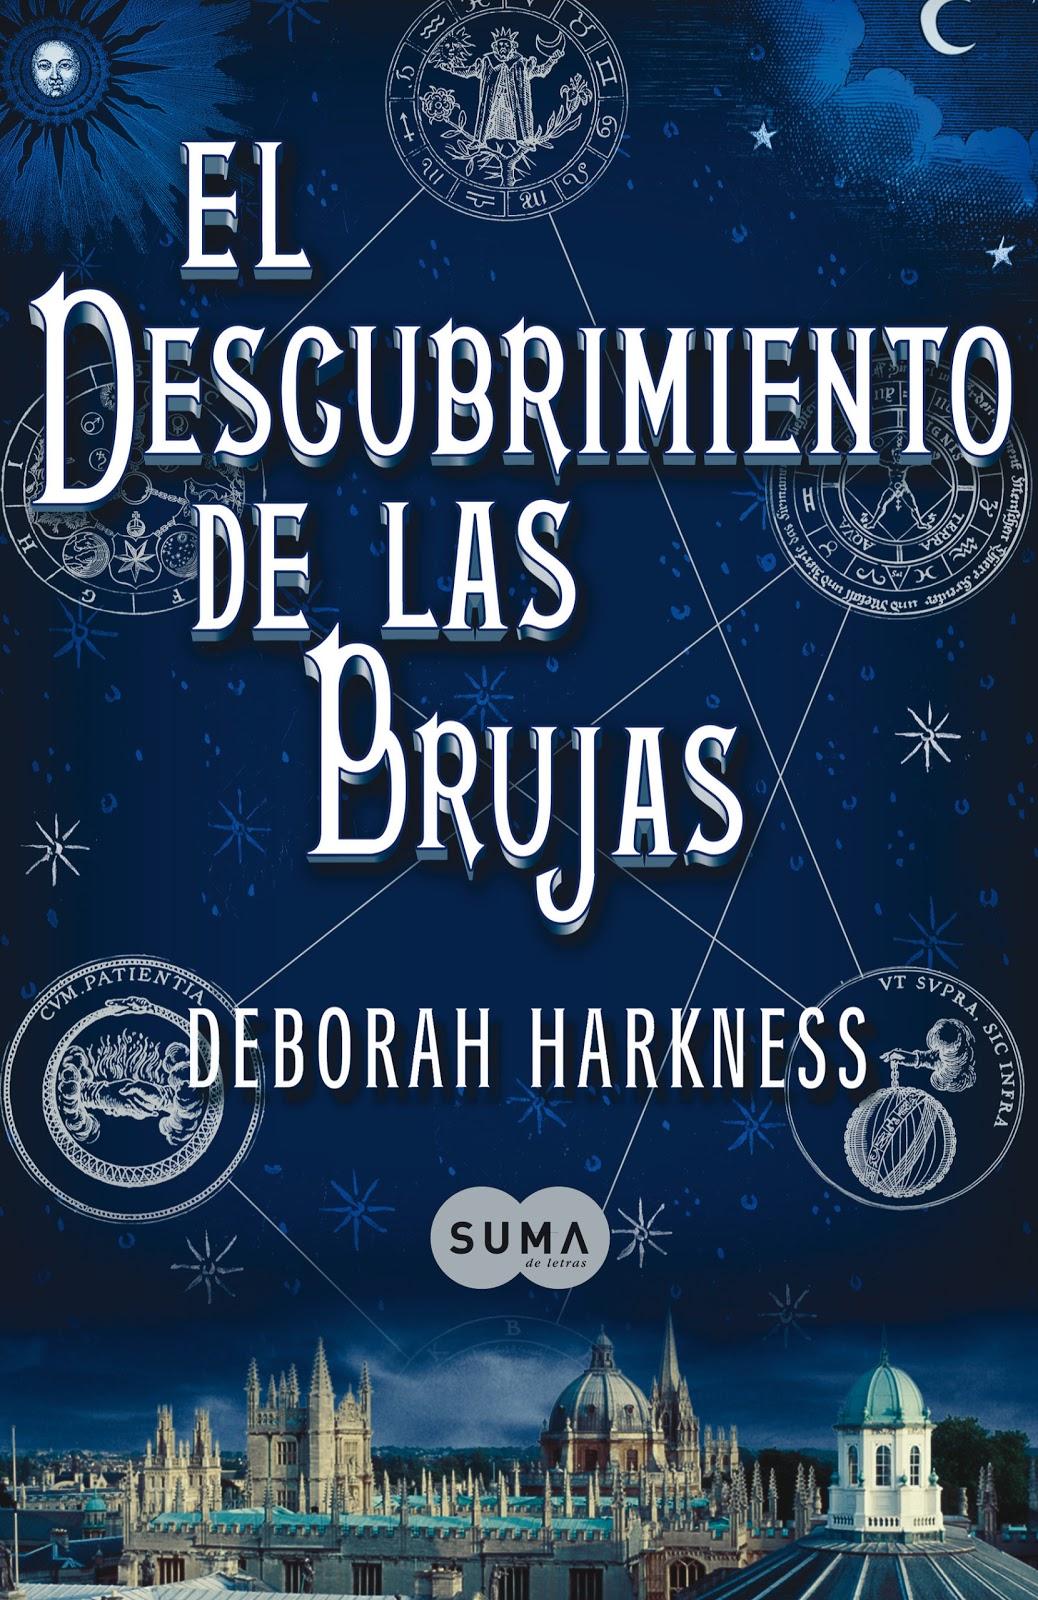 Book eater: Reseña: El descubrimiento de las brujas de Deborah Harkness